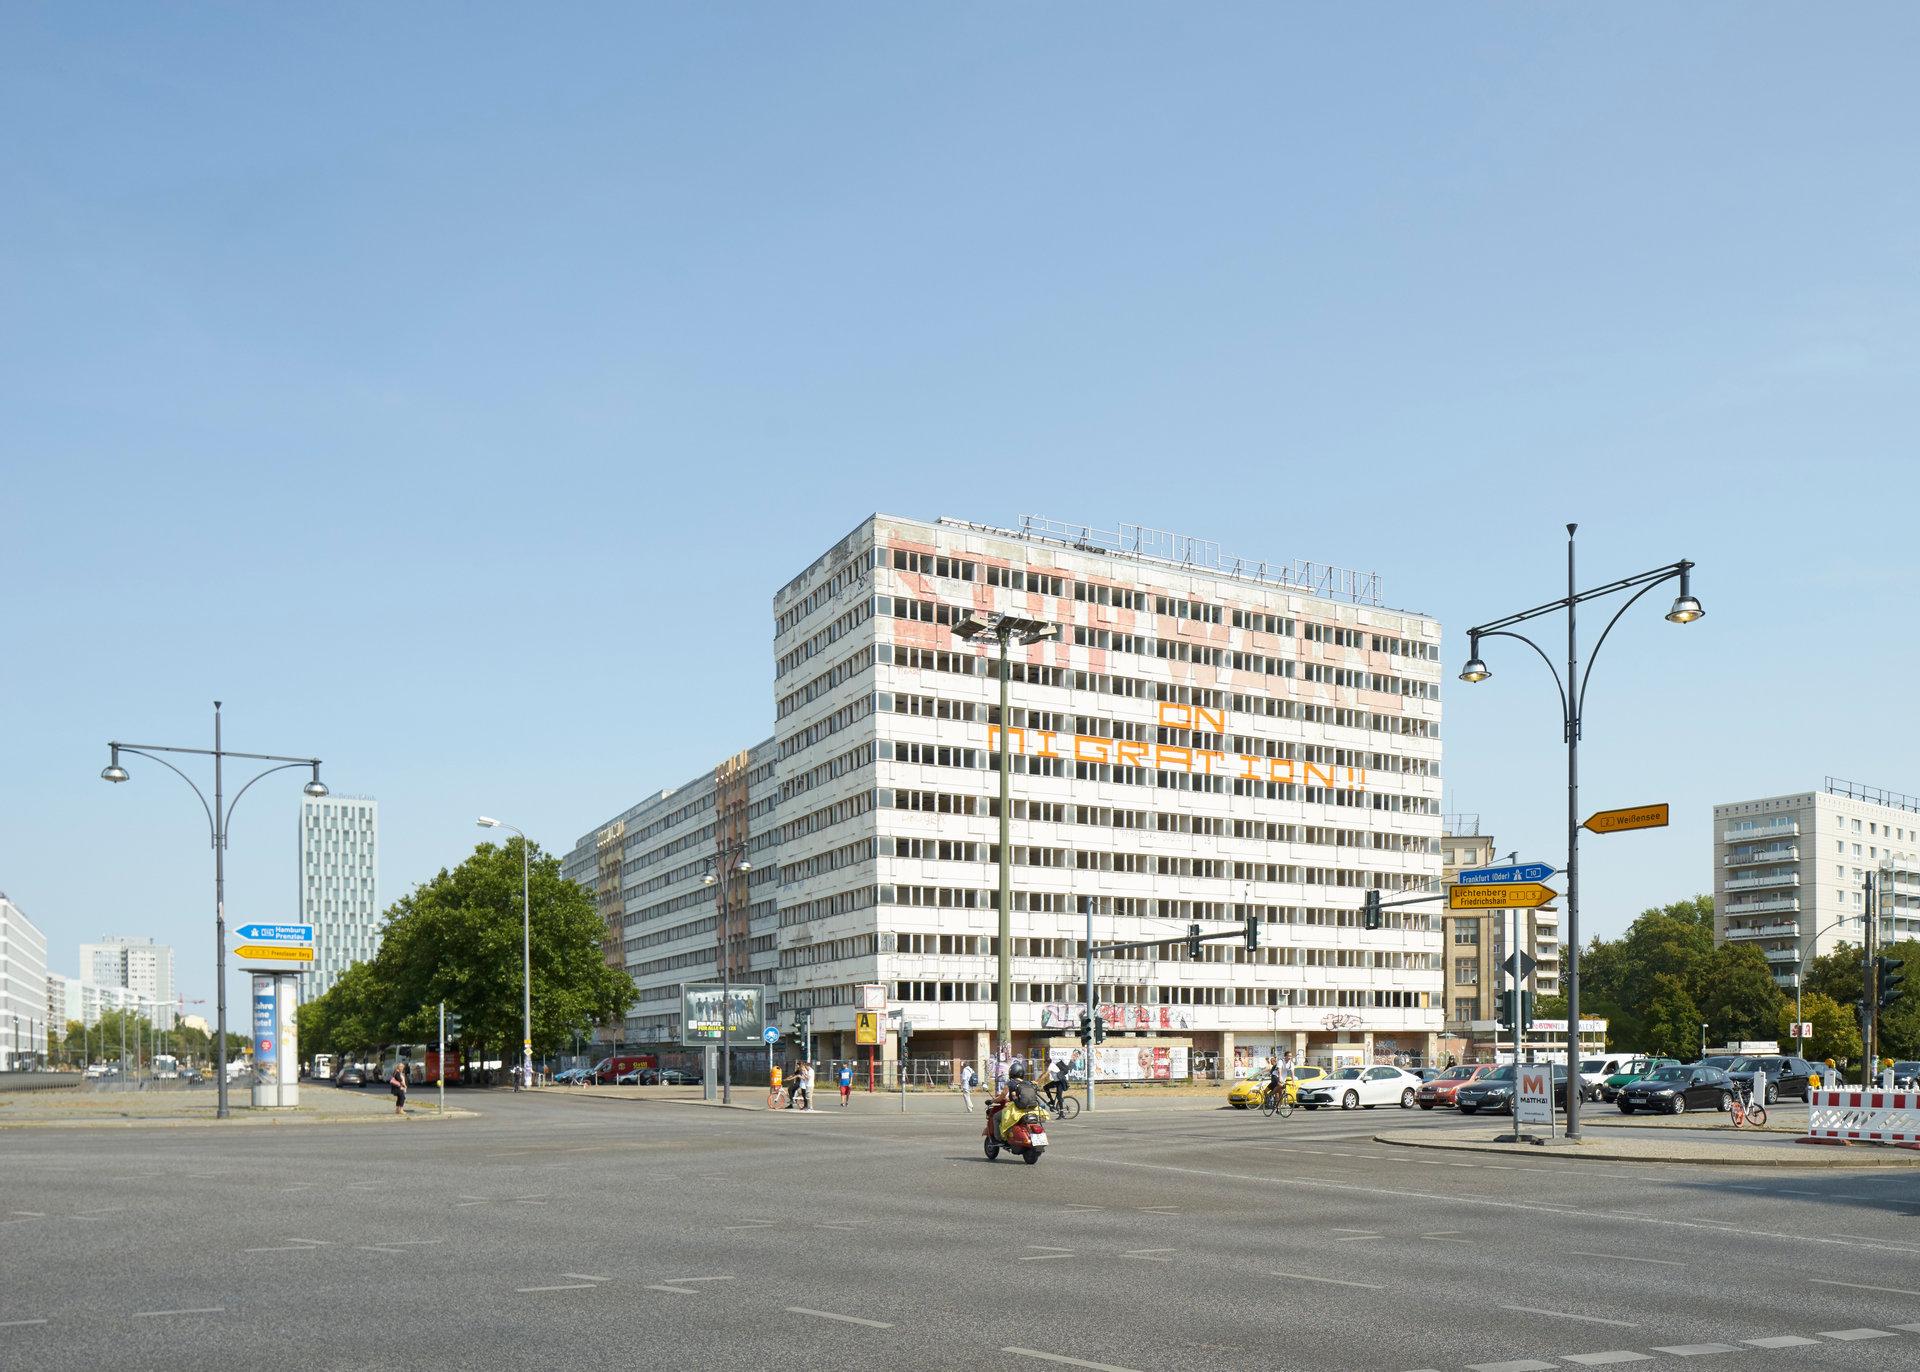 das Haus der Statistik, Blick vom Alexanderplatz (Foto: Nils Koenning)